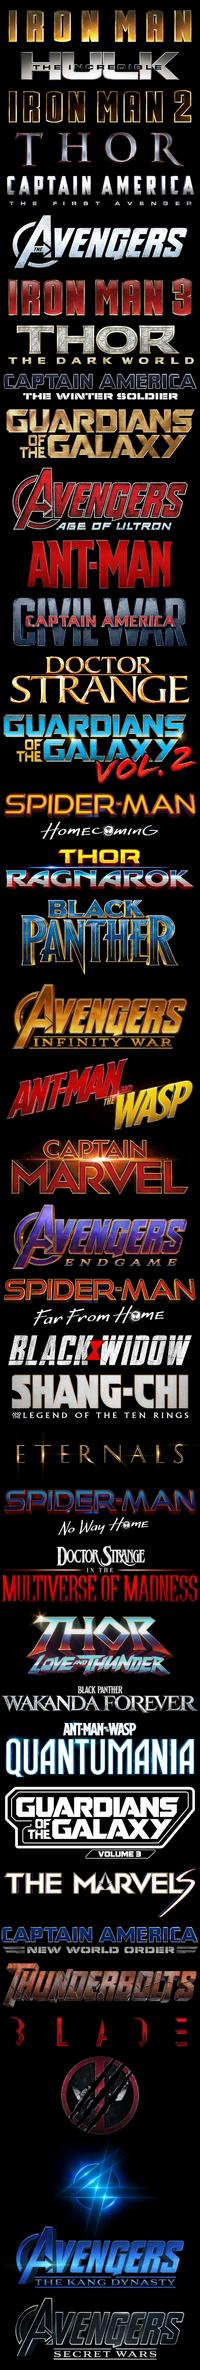 Marvel Universo Completo